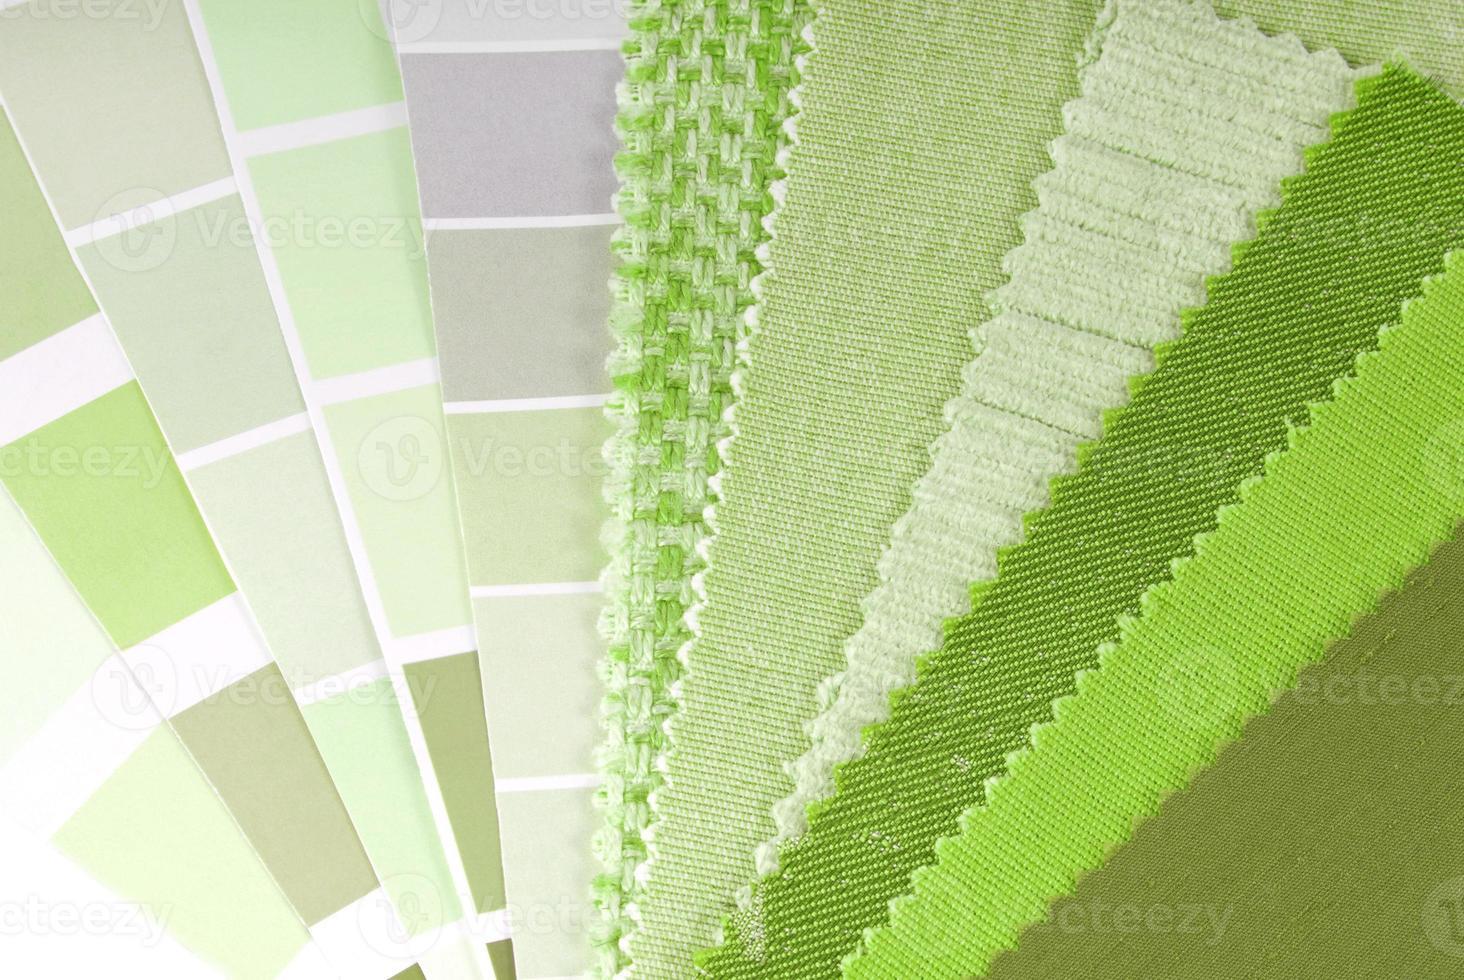 Tapicería, cortina y selección de color para interior foto